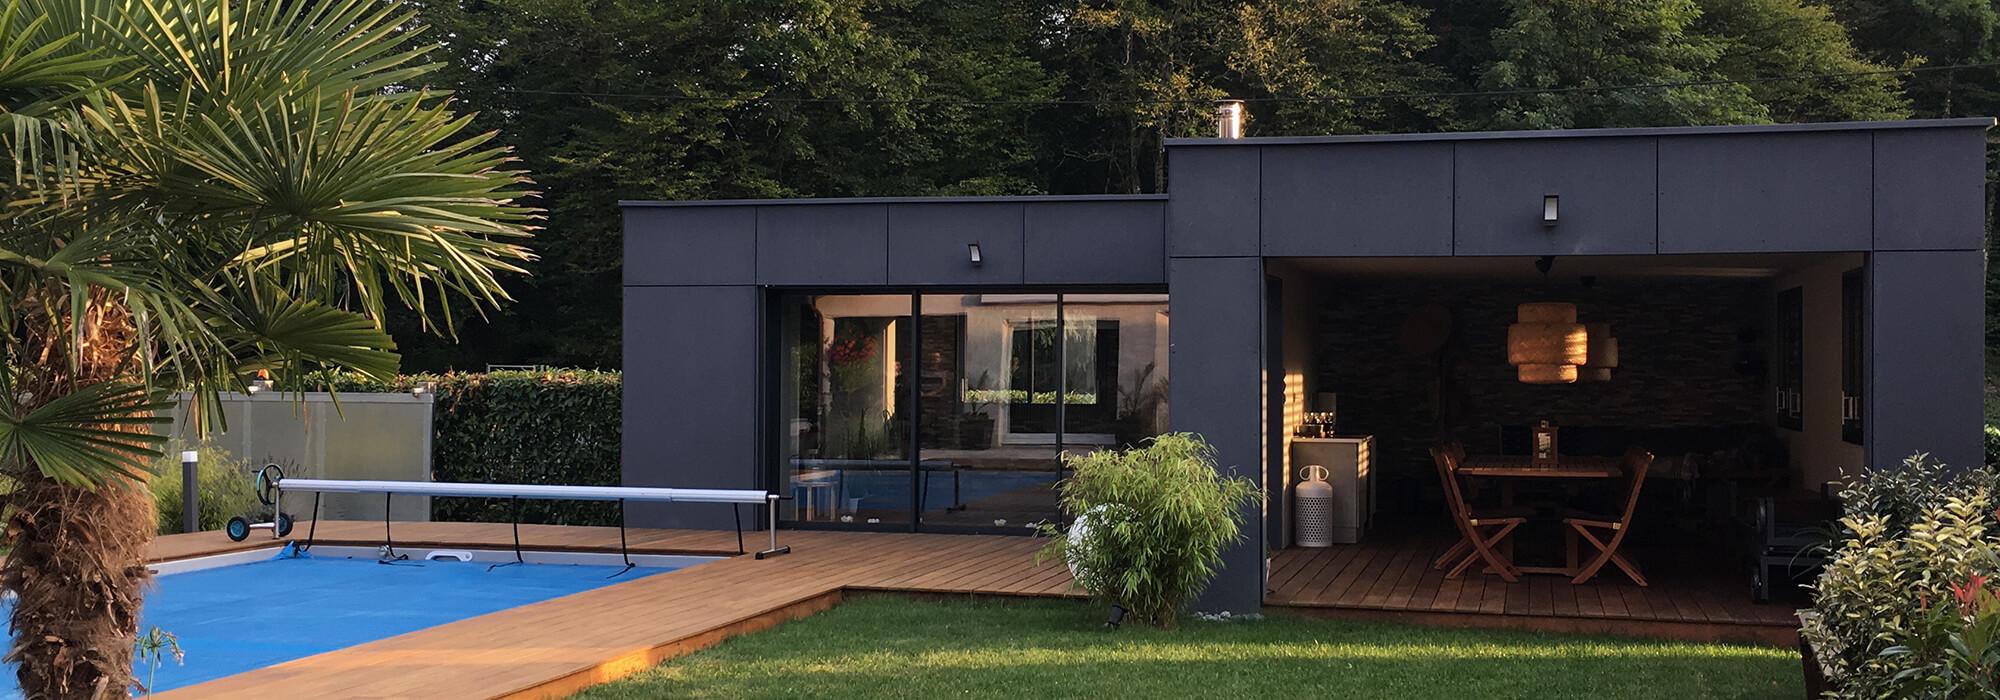 Terrasse En Bois Oise où nous trouver - bois et passion